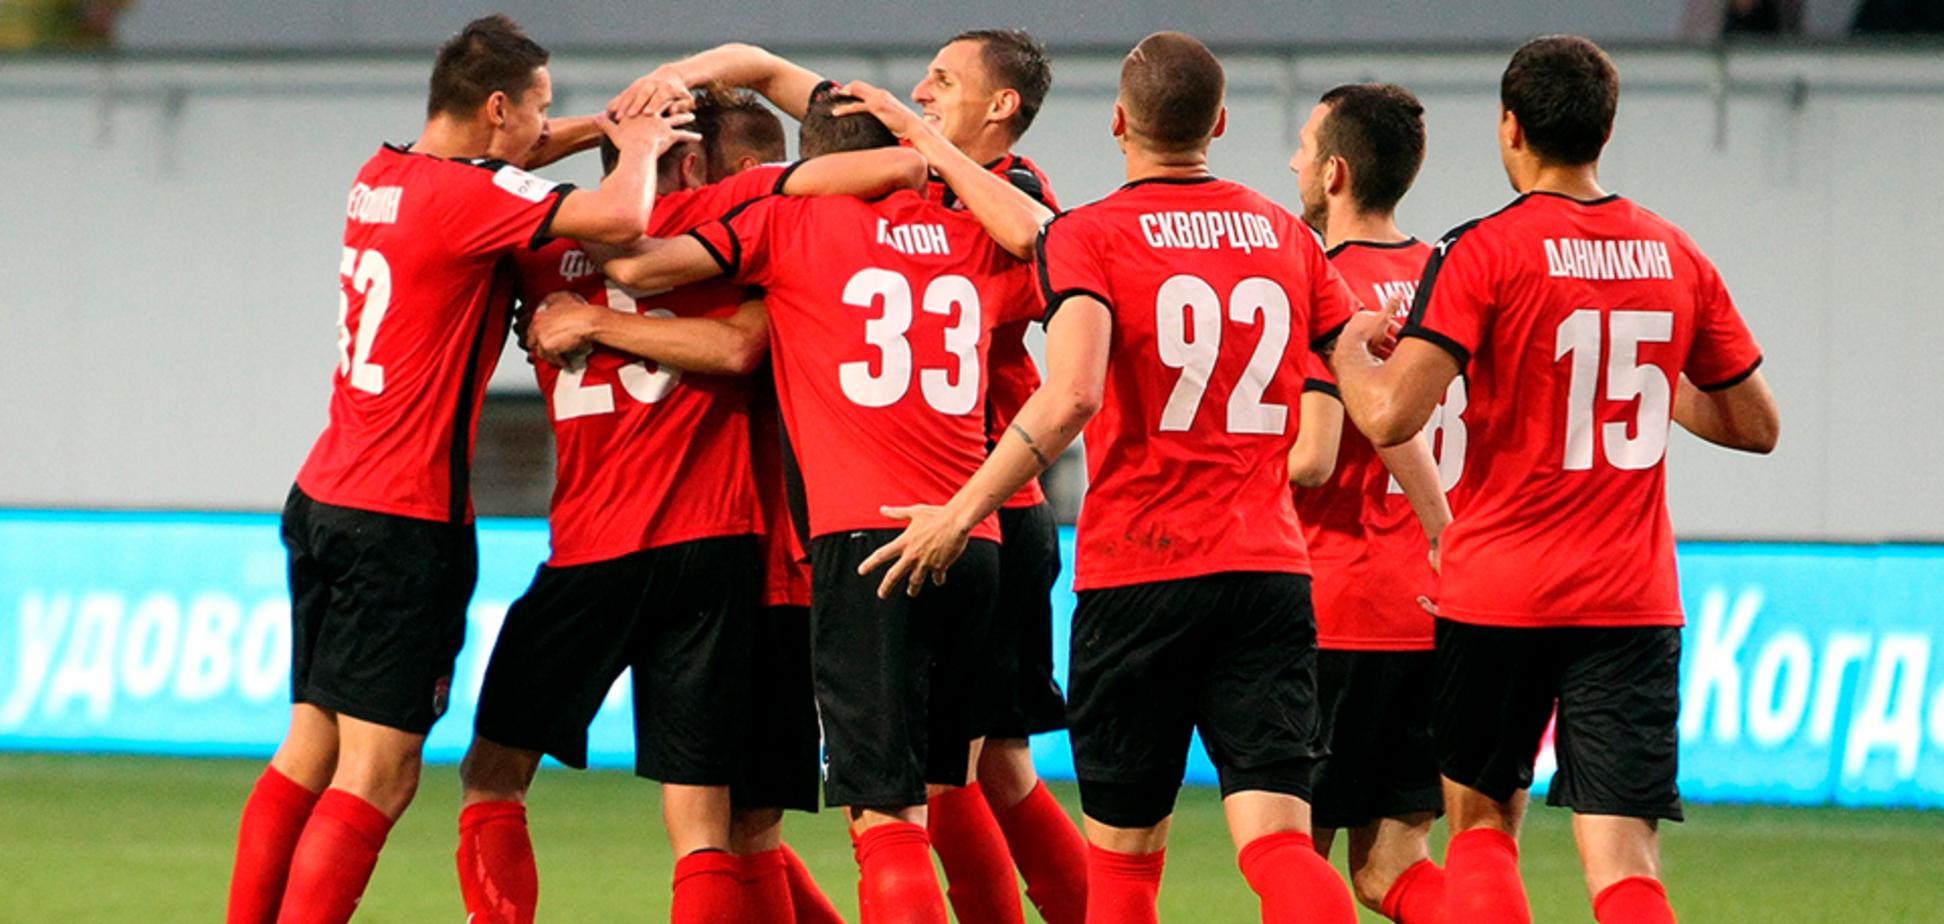 Экс-футболист сборной Украины забил фантастический 'виляющий' гол в России